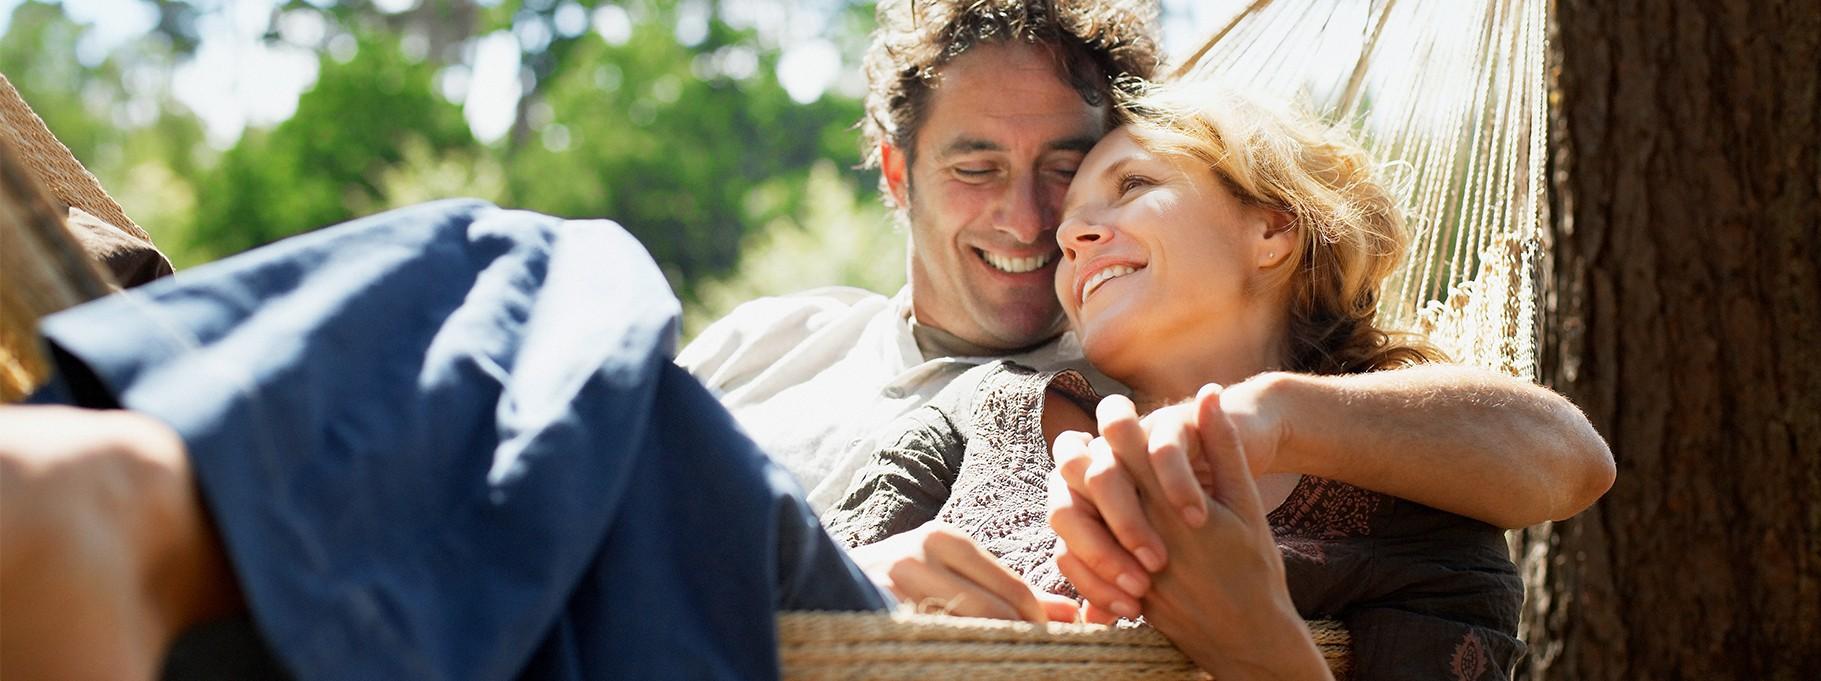 Ein Paar in einer Hängematte